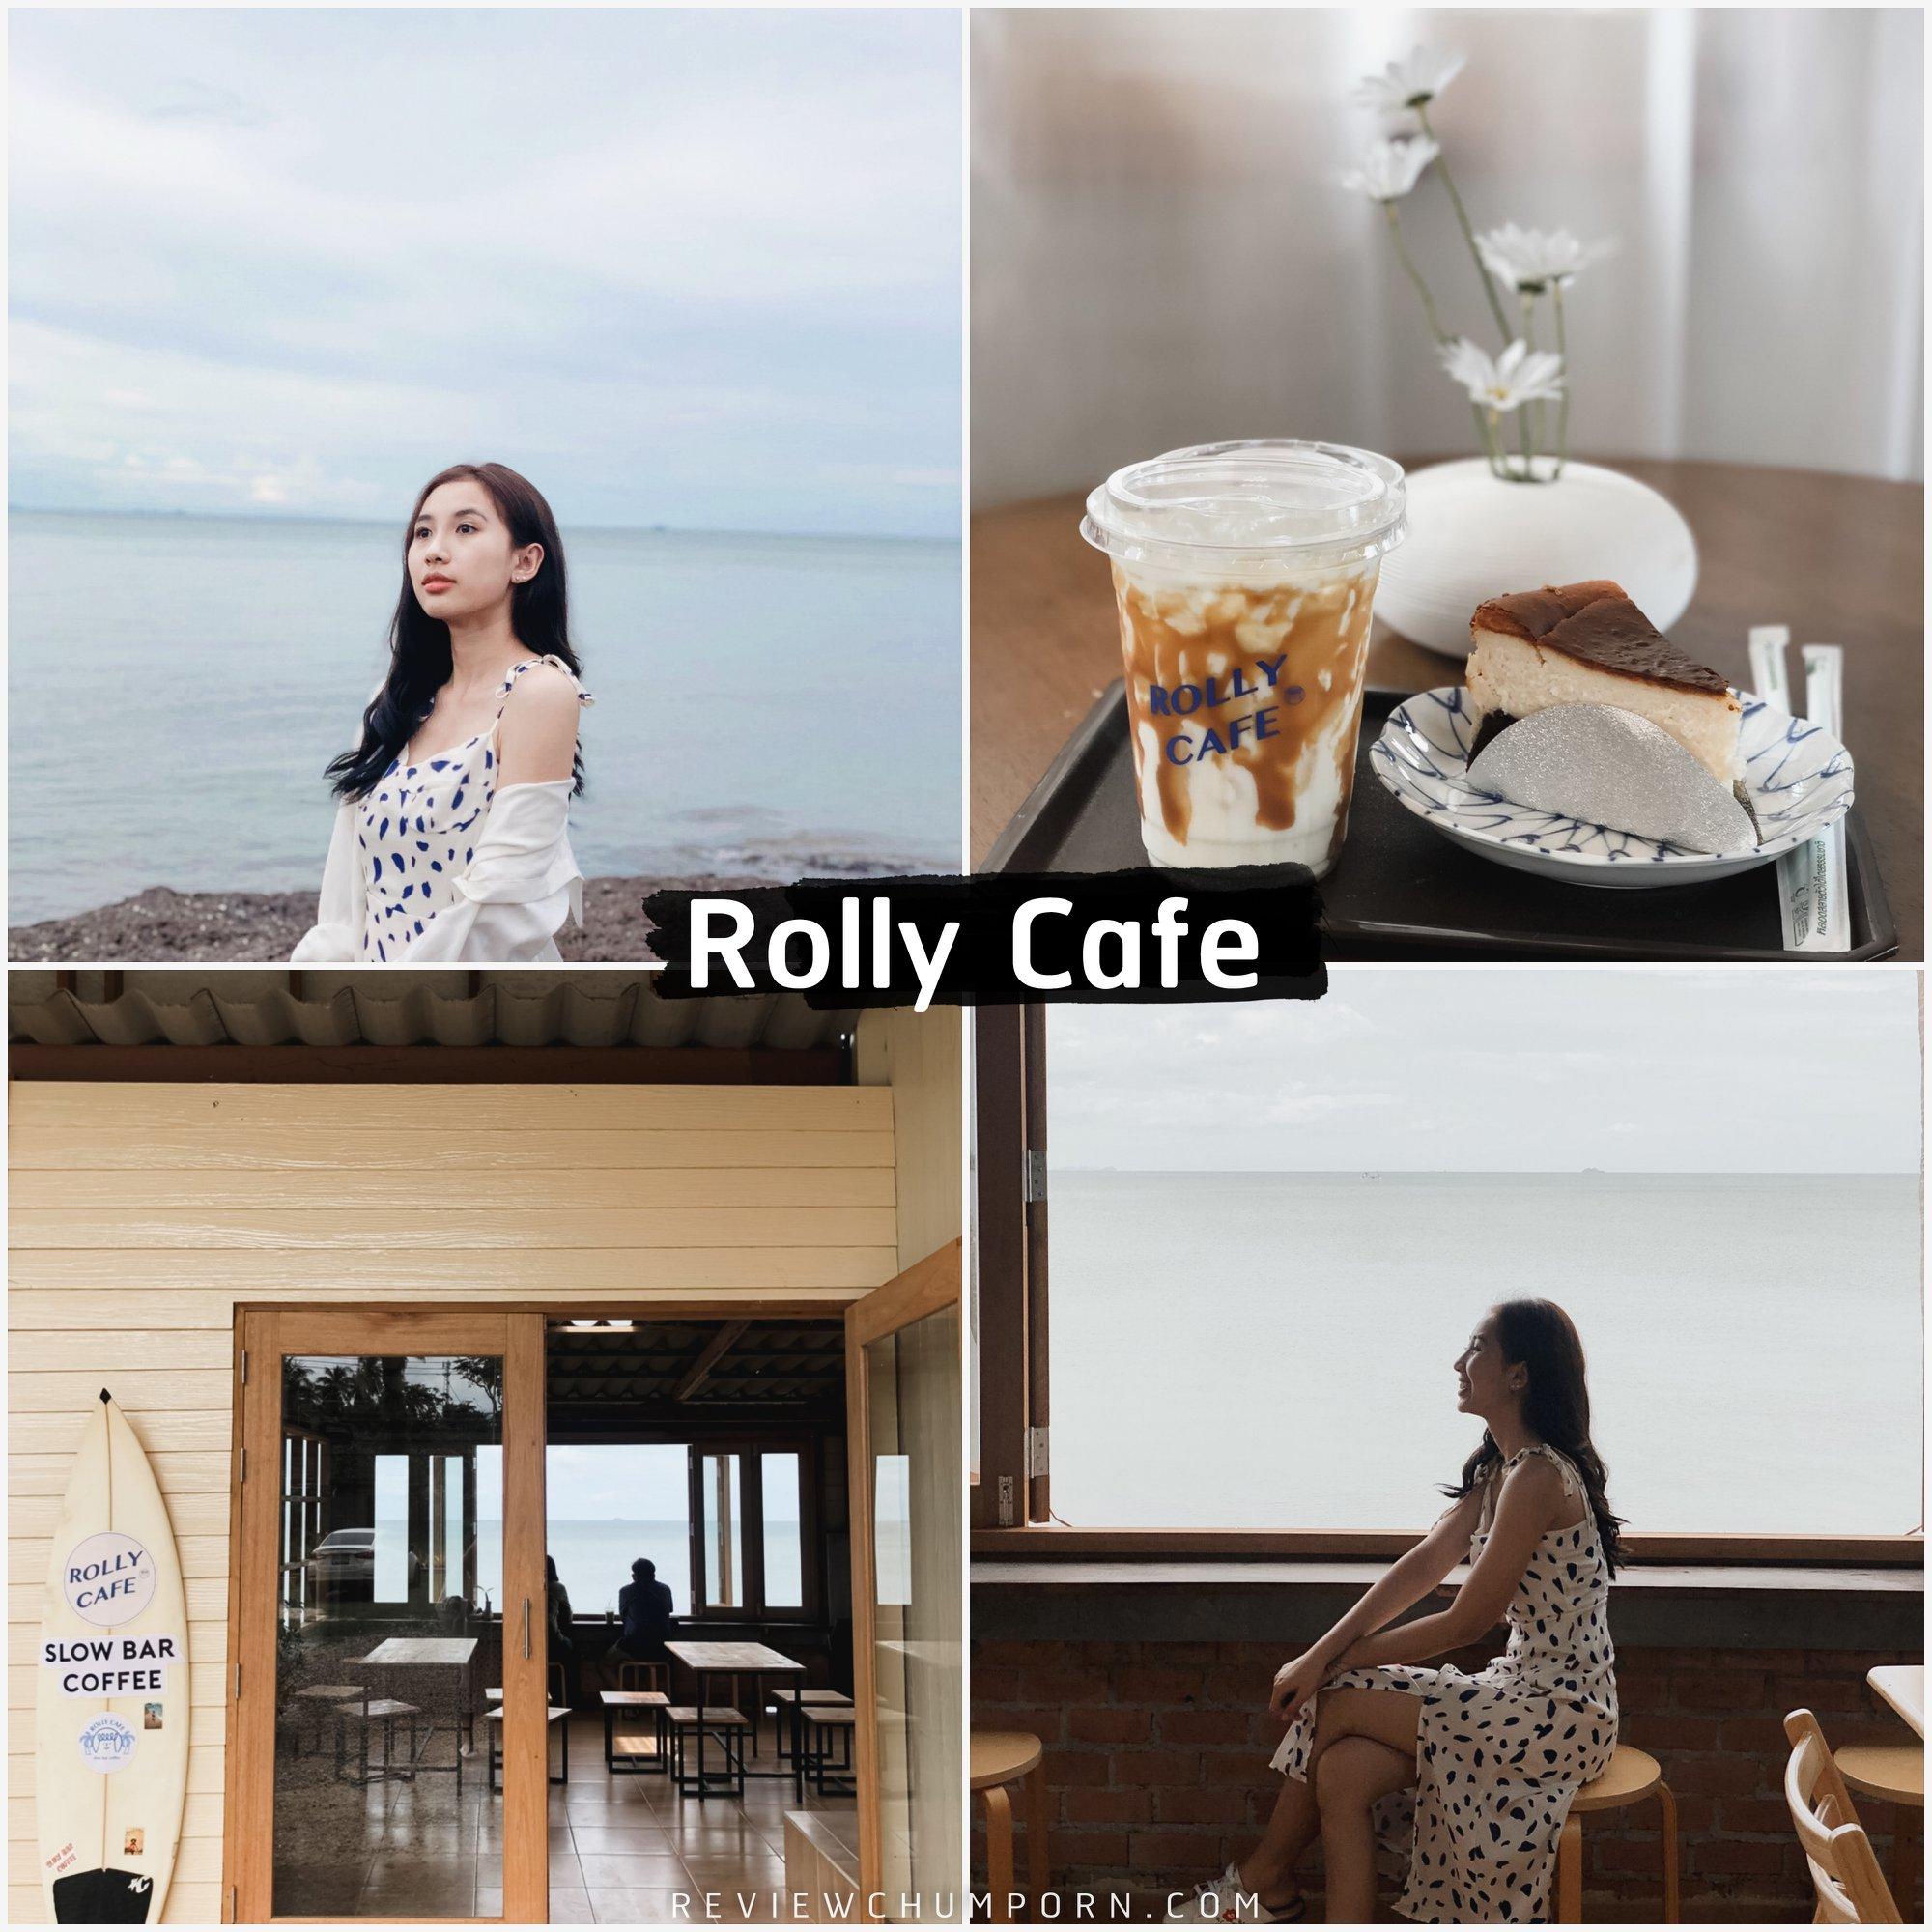 คาเฟ่เปิดใหม่ลับๆริมทะเลชุมพร-เครื่องดื่มเบเกอรี่เด็ด-at-Rolly-Cafe-ร้านน่ารักมวากกกก คลิกที่นี่ ชุมพร,จุดเช็คอิน,สถานที่ท่องเที่ยว,ของกิน,ร้านอาหาร,คาเฟ่